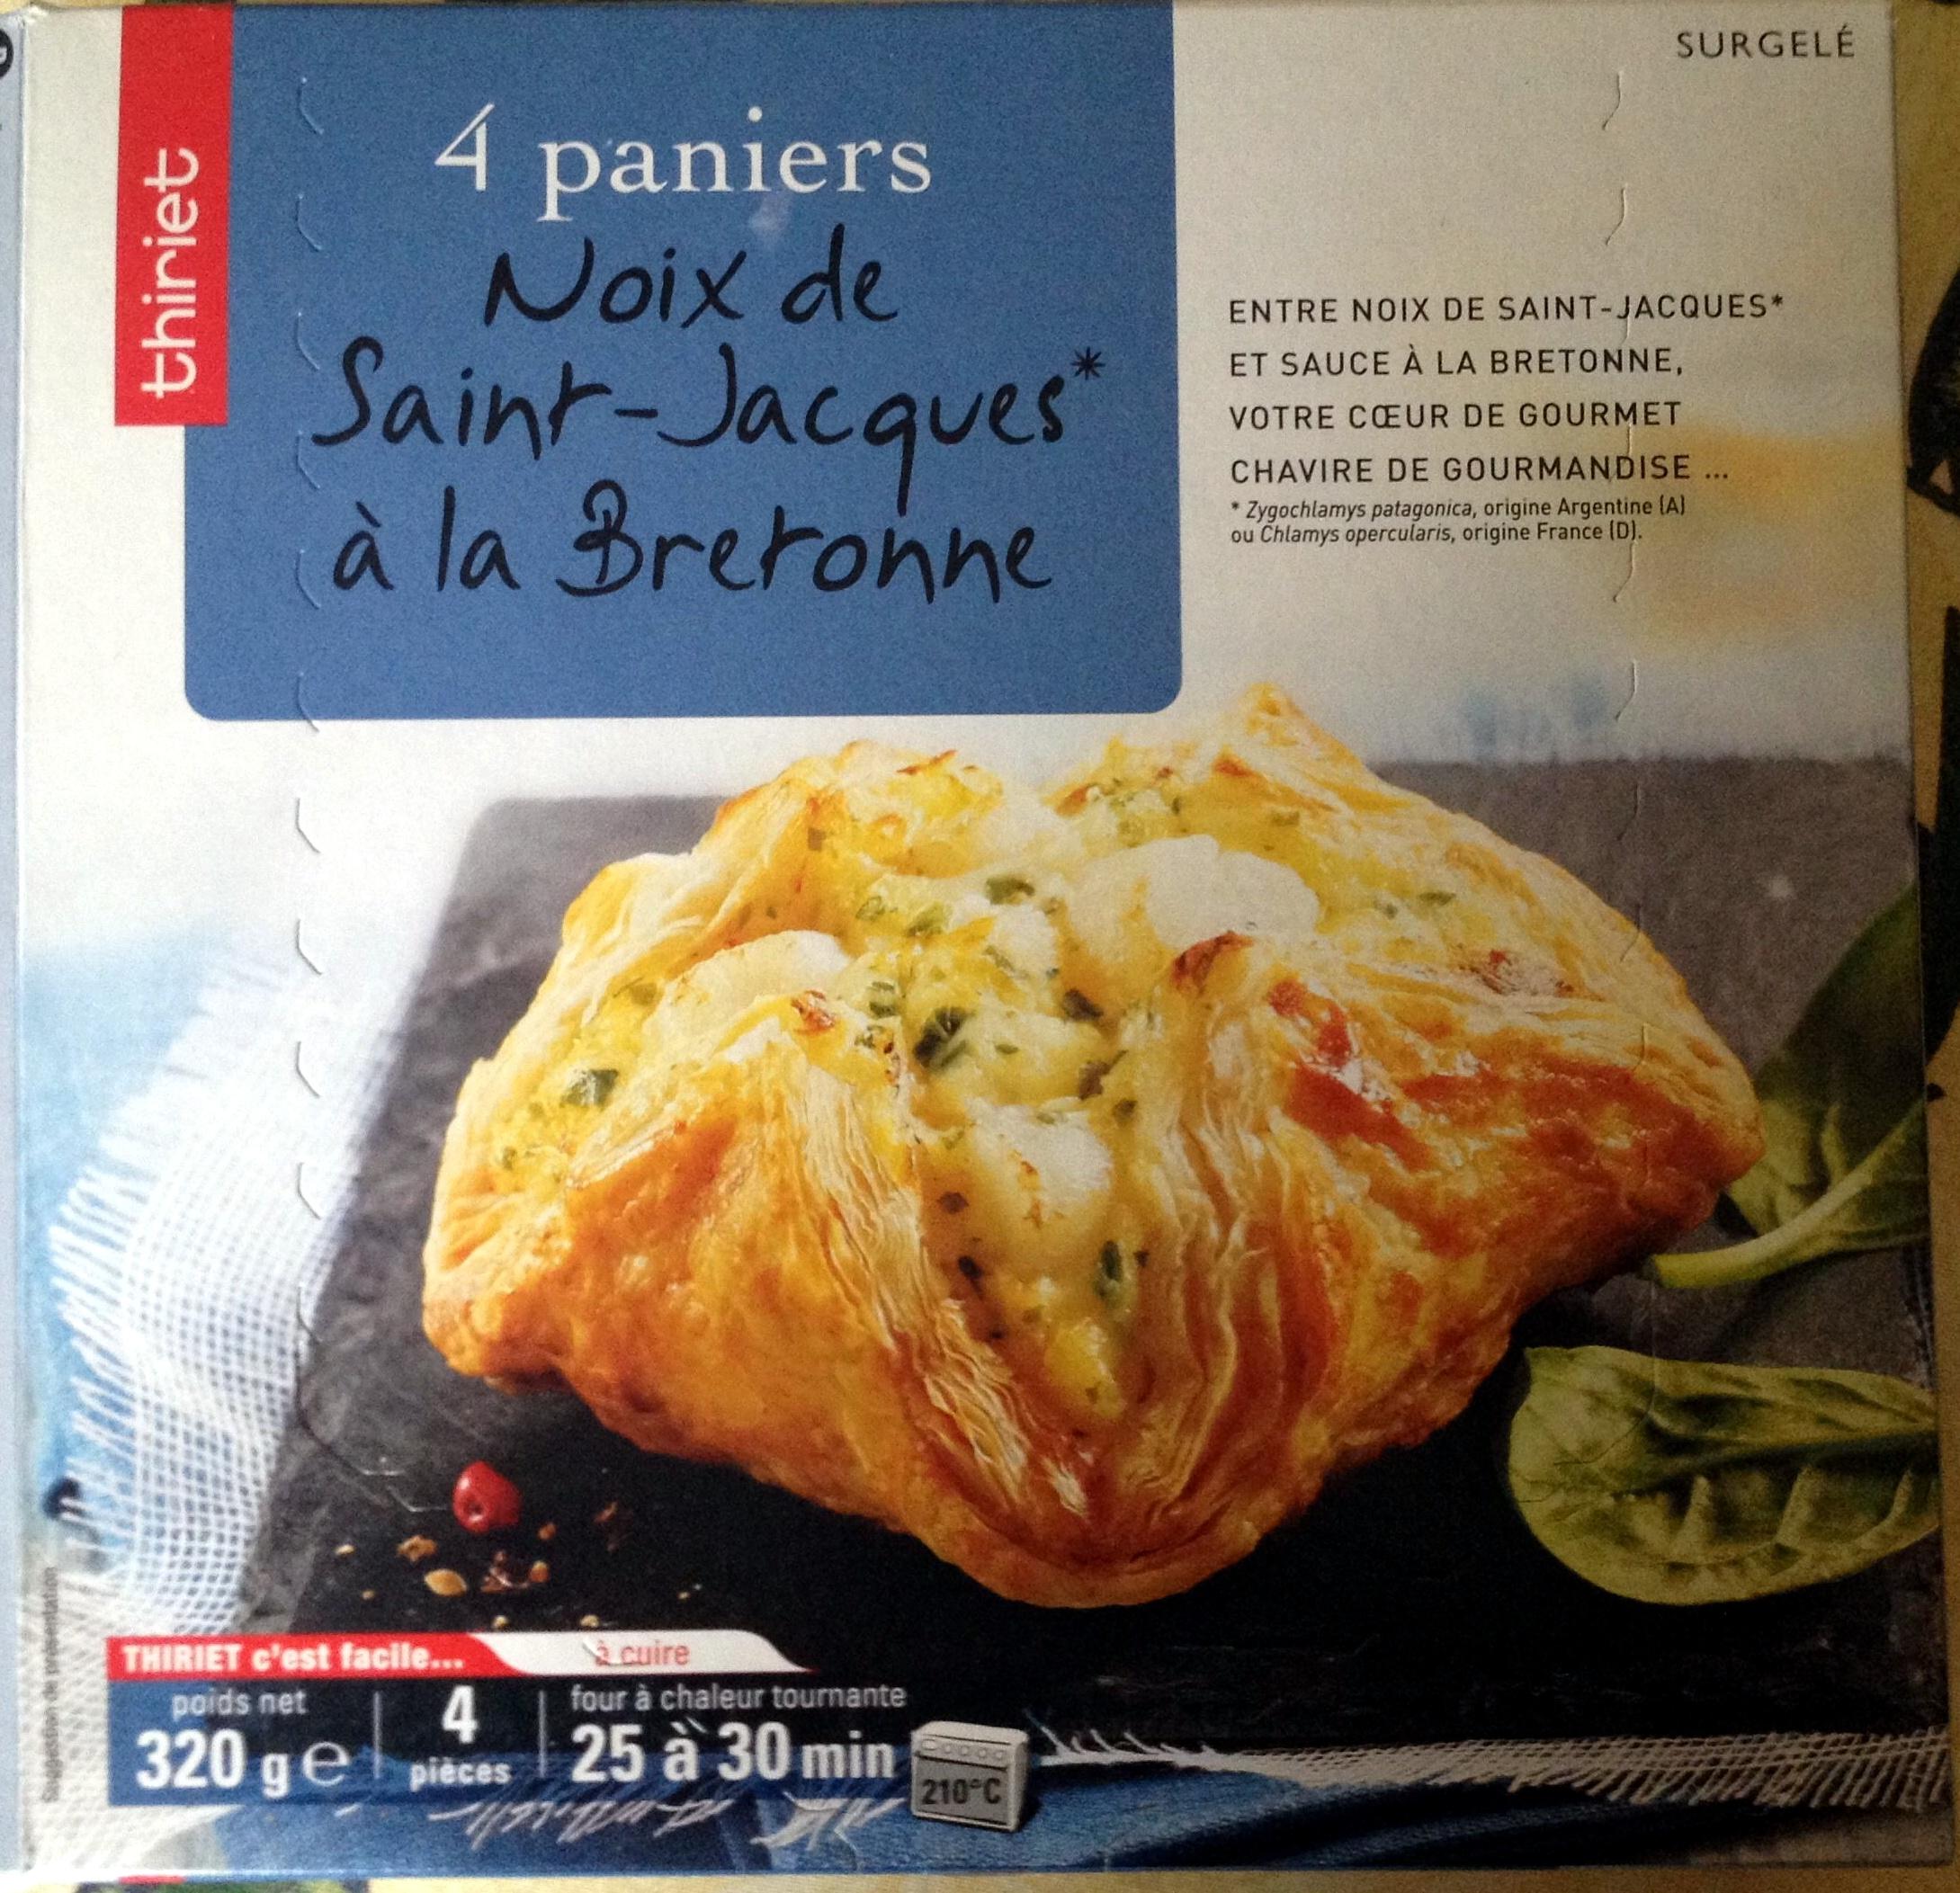 4 paniers Noix de Saint-Jacques* à la Bretonne, Surgelé - Product